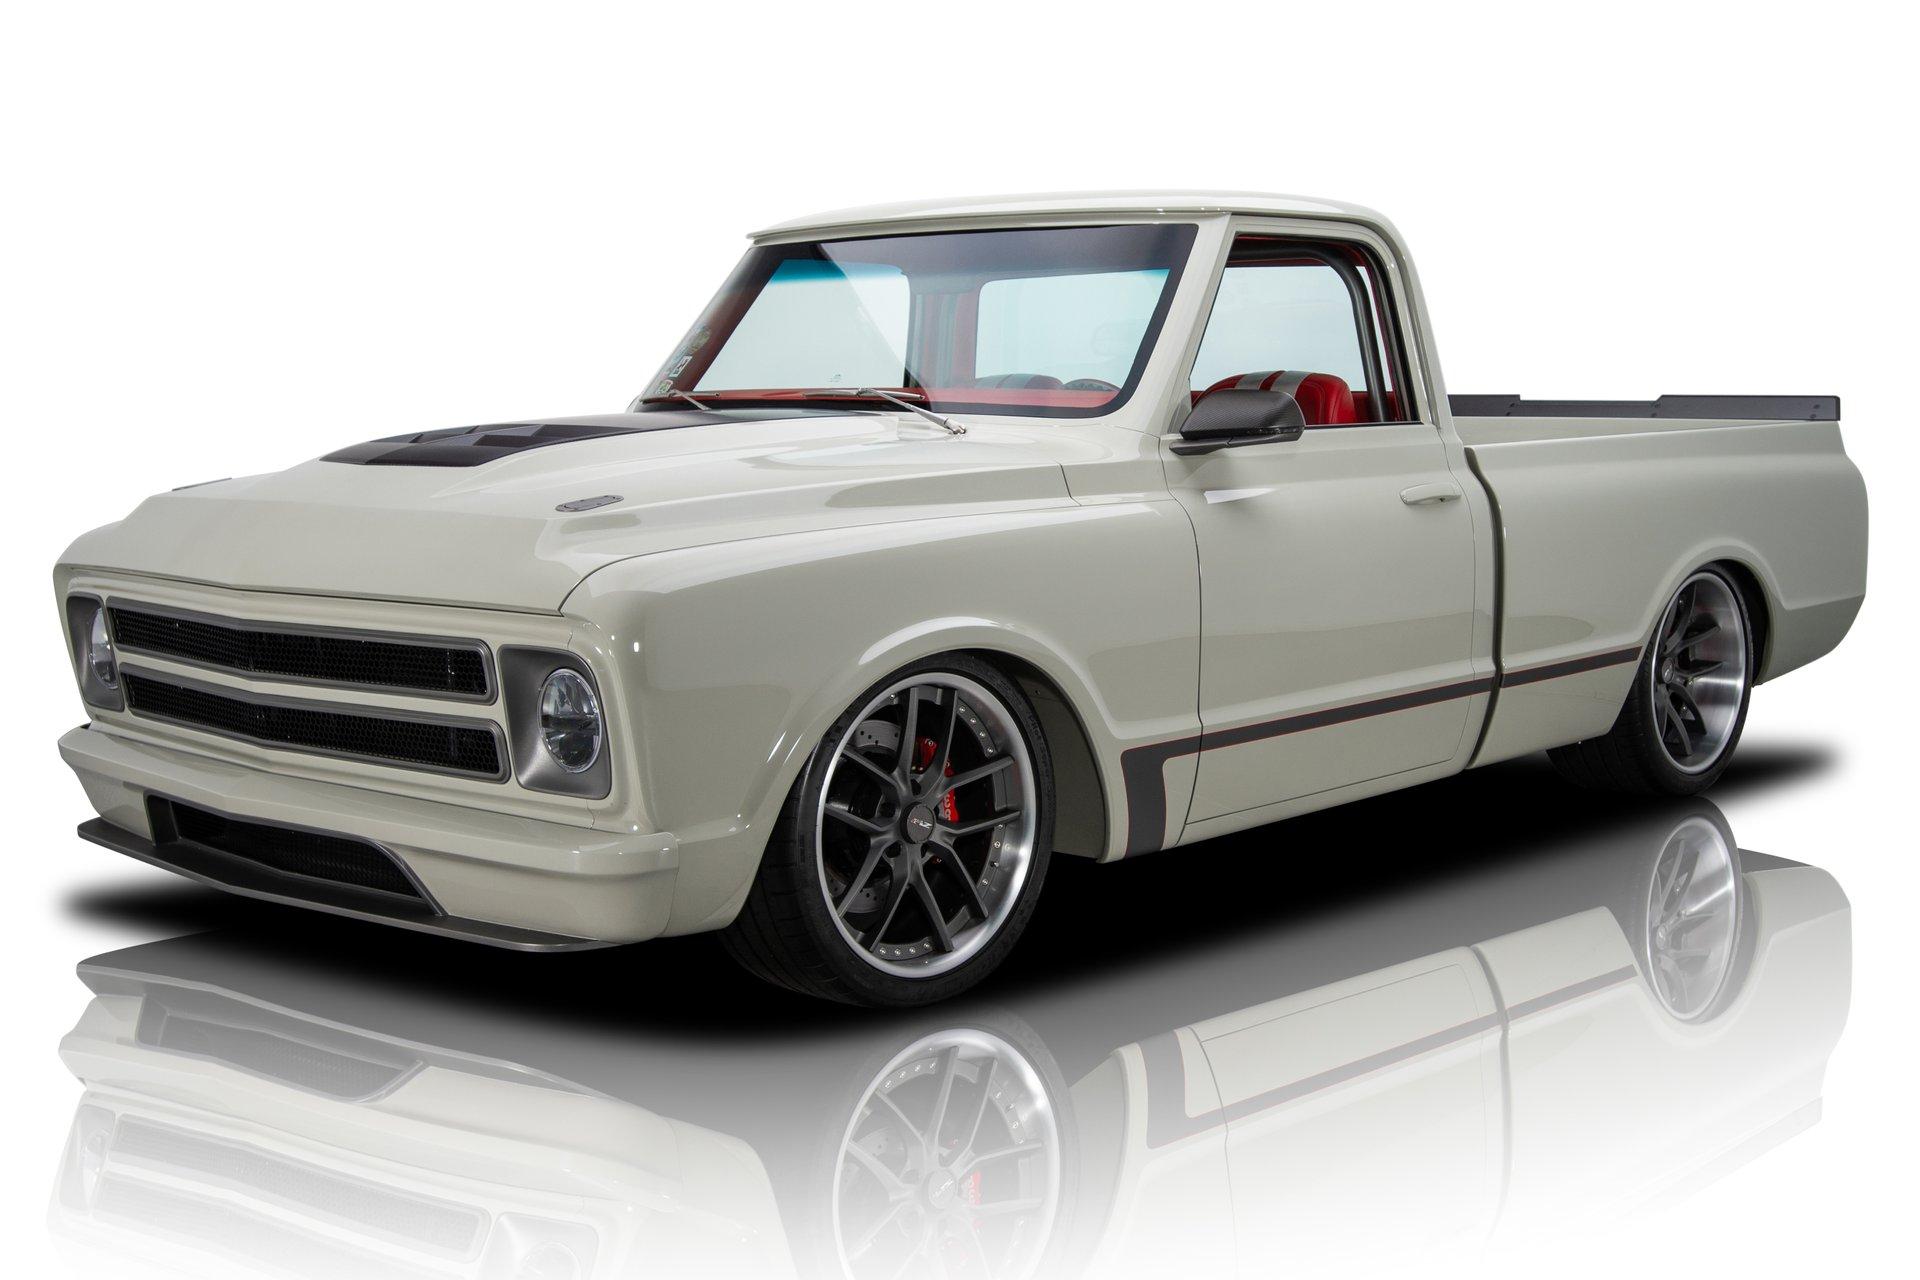 1967 chevrolet c10 zl1 pickup truck